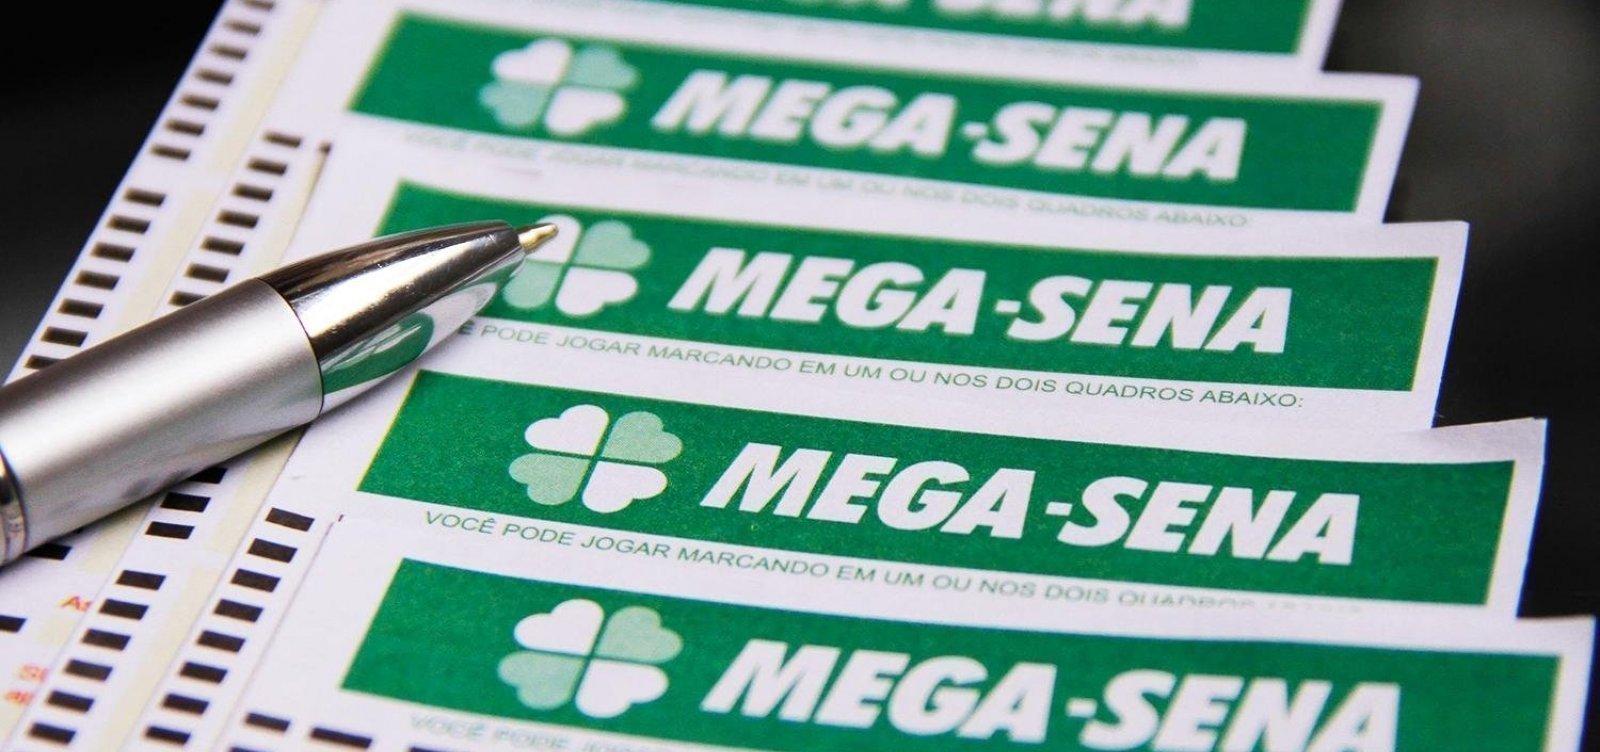 Mega-Sena: duas apostas dividem prêmio e levam R$ 47,3 milhões cada